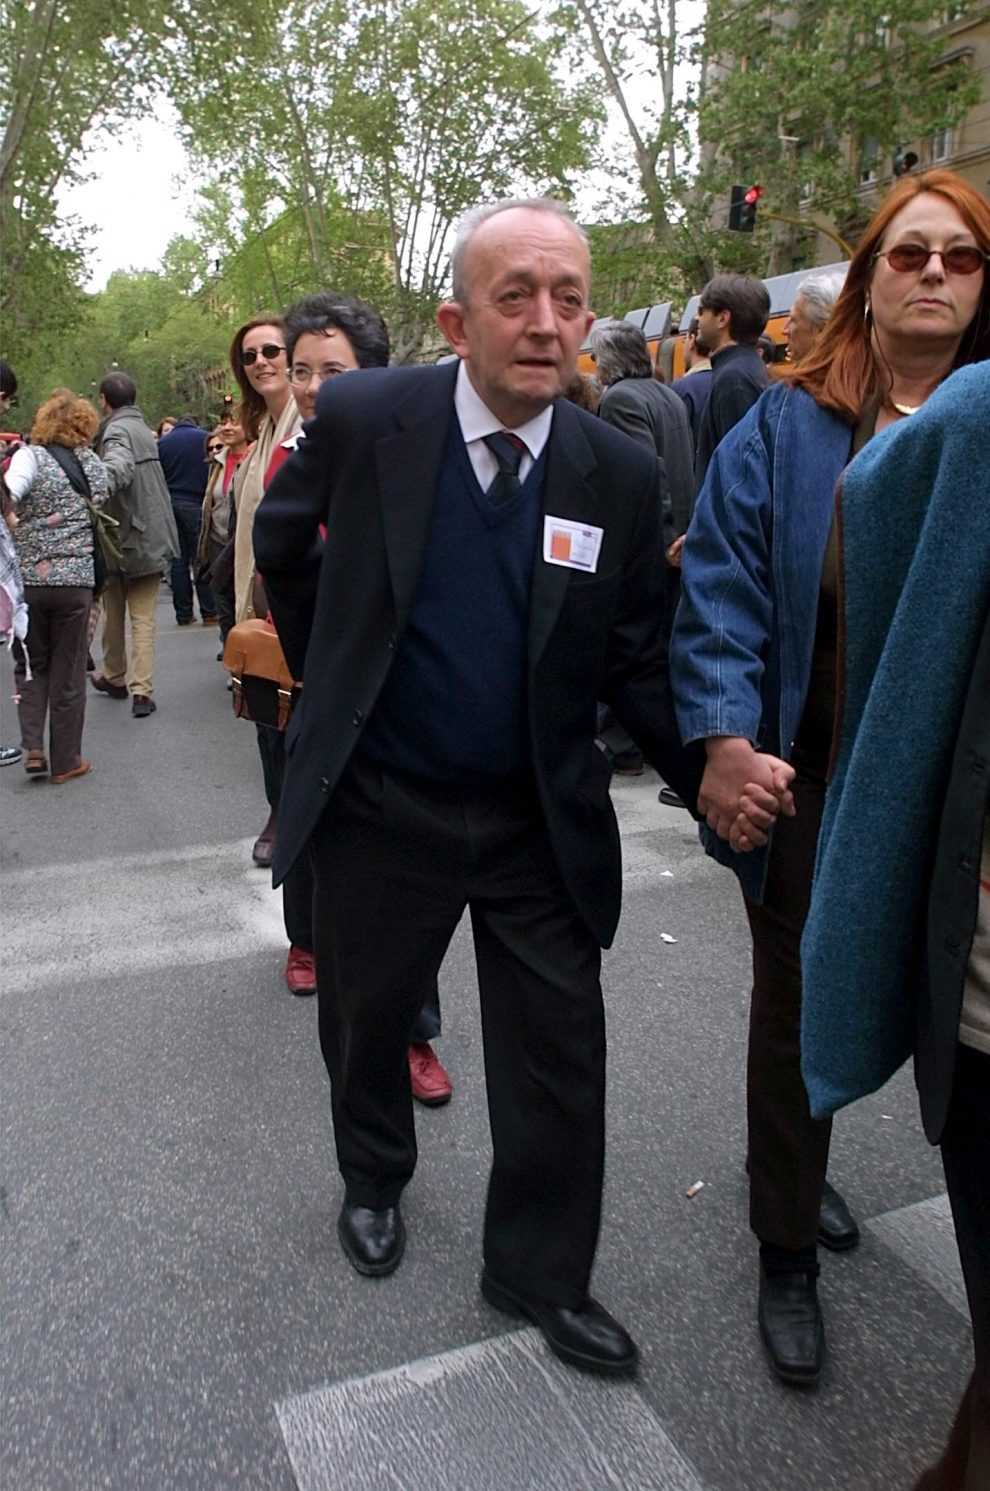 MAURO SCROBOGNA/LAPRESSE13-04-2002 ROMAPOLITICAGIROTONDO MINISTERO ISTRUZIONENELLA FOTO L'EX MINISTRO DELLA PUBBLICA ISTRUZIONE TULLIO DE MAURO